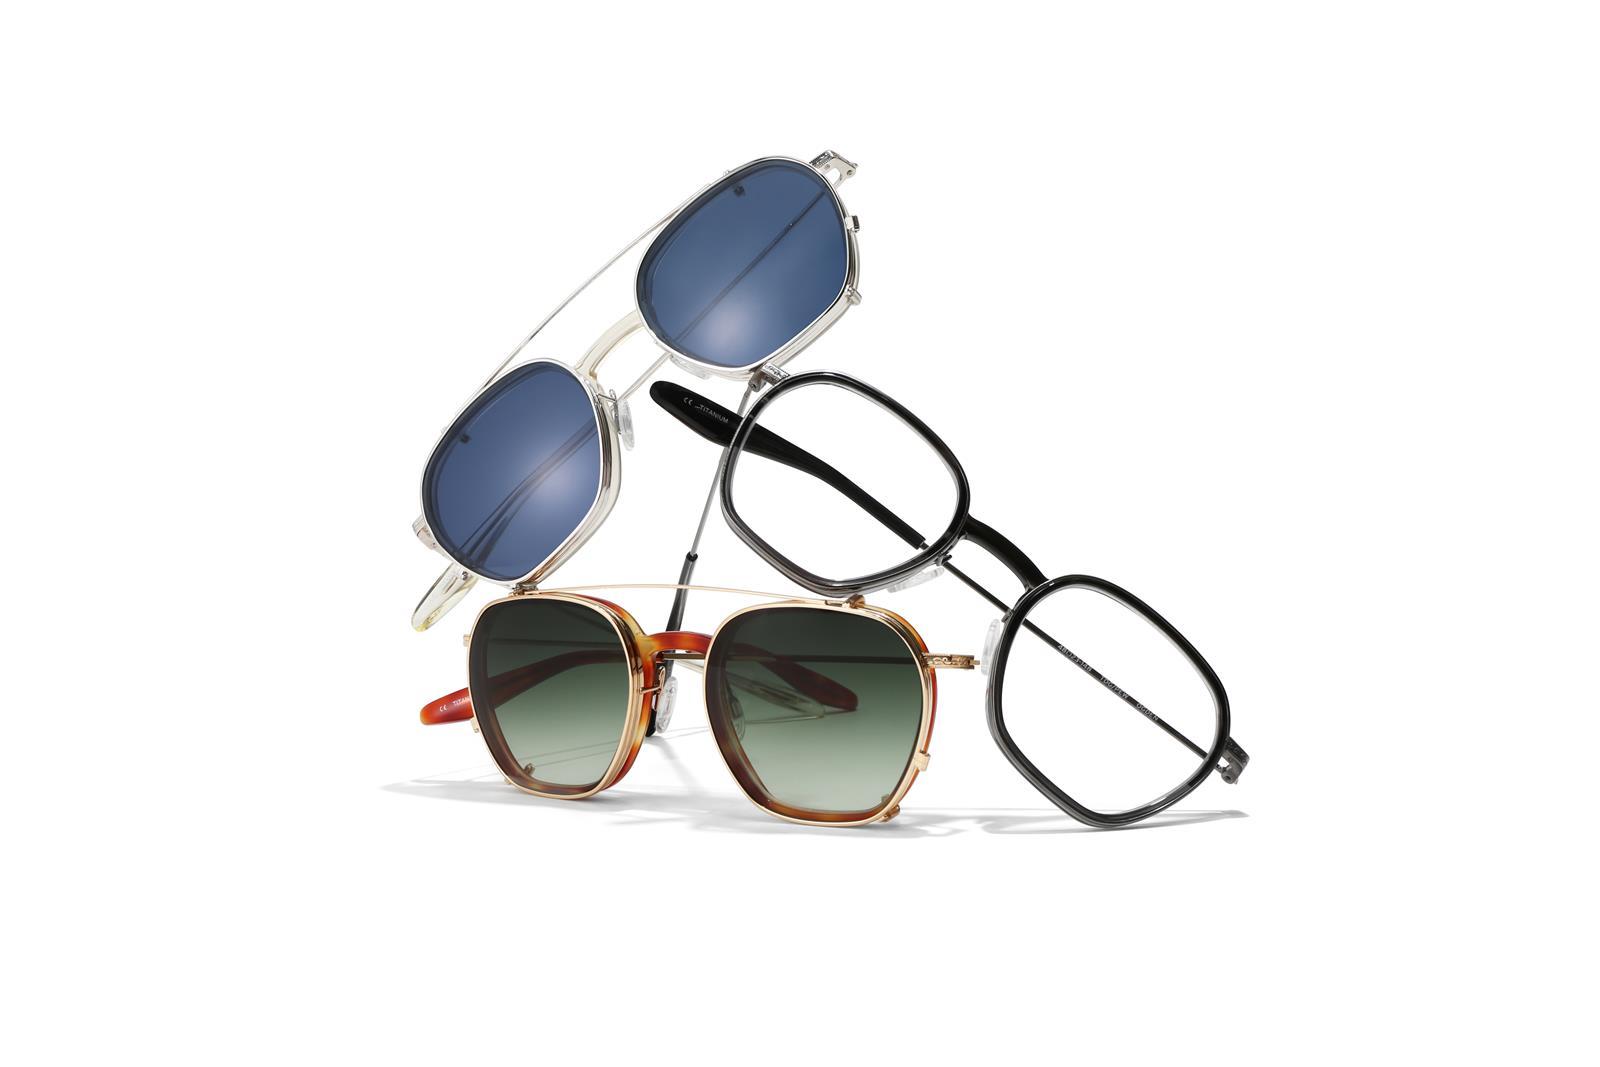 barton perreira marcolin occhiali da sole e da vista